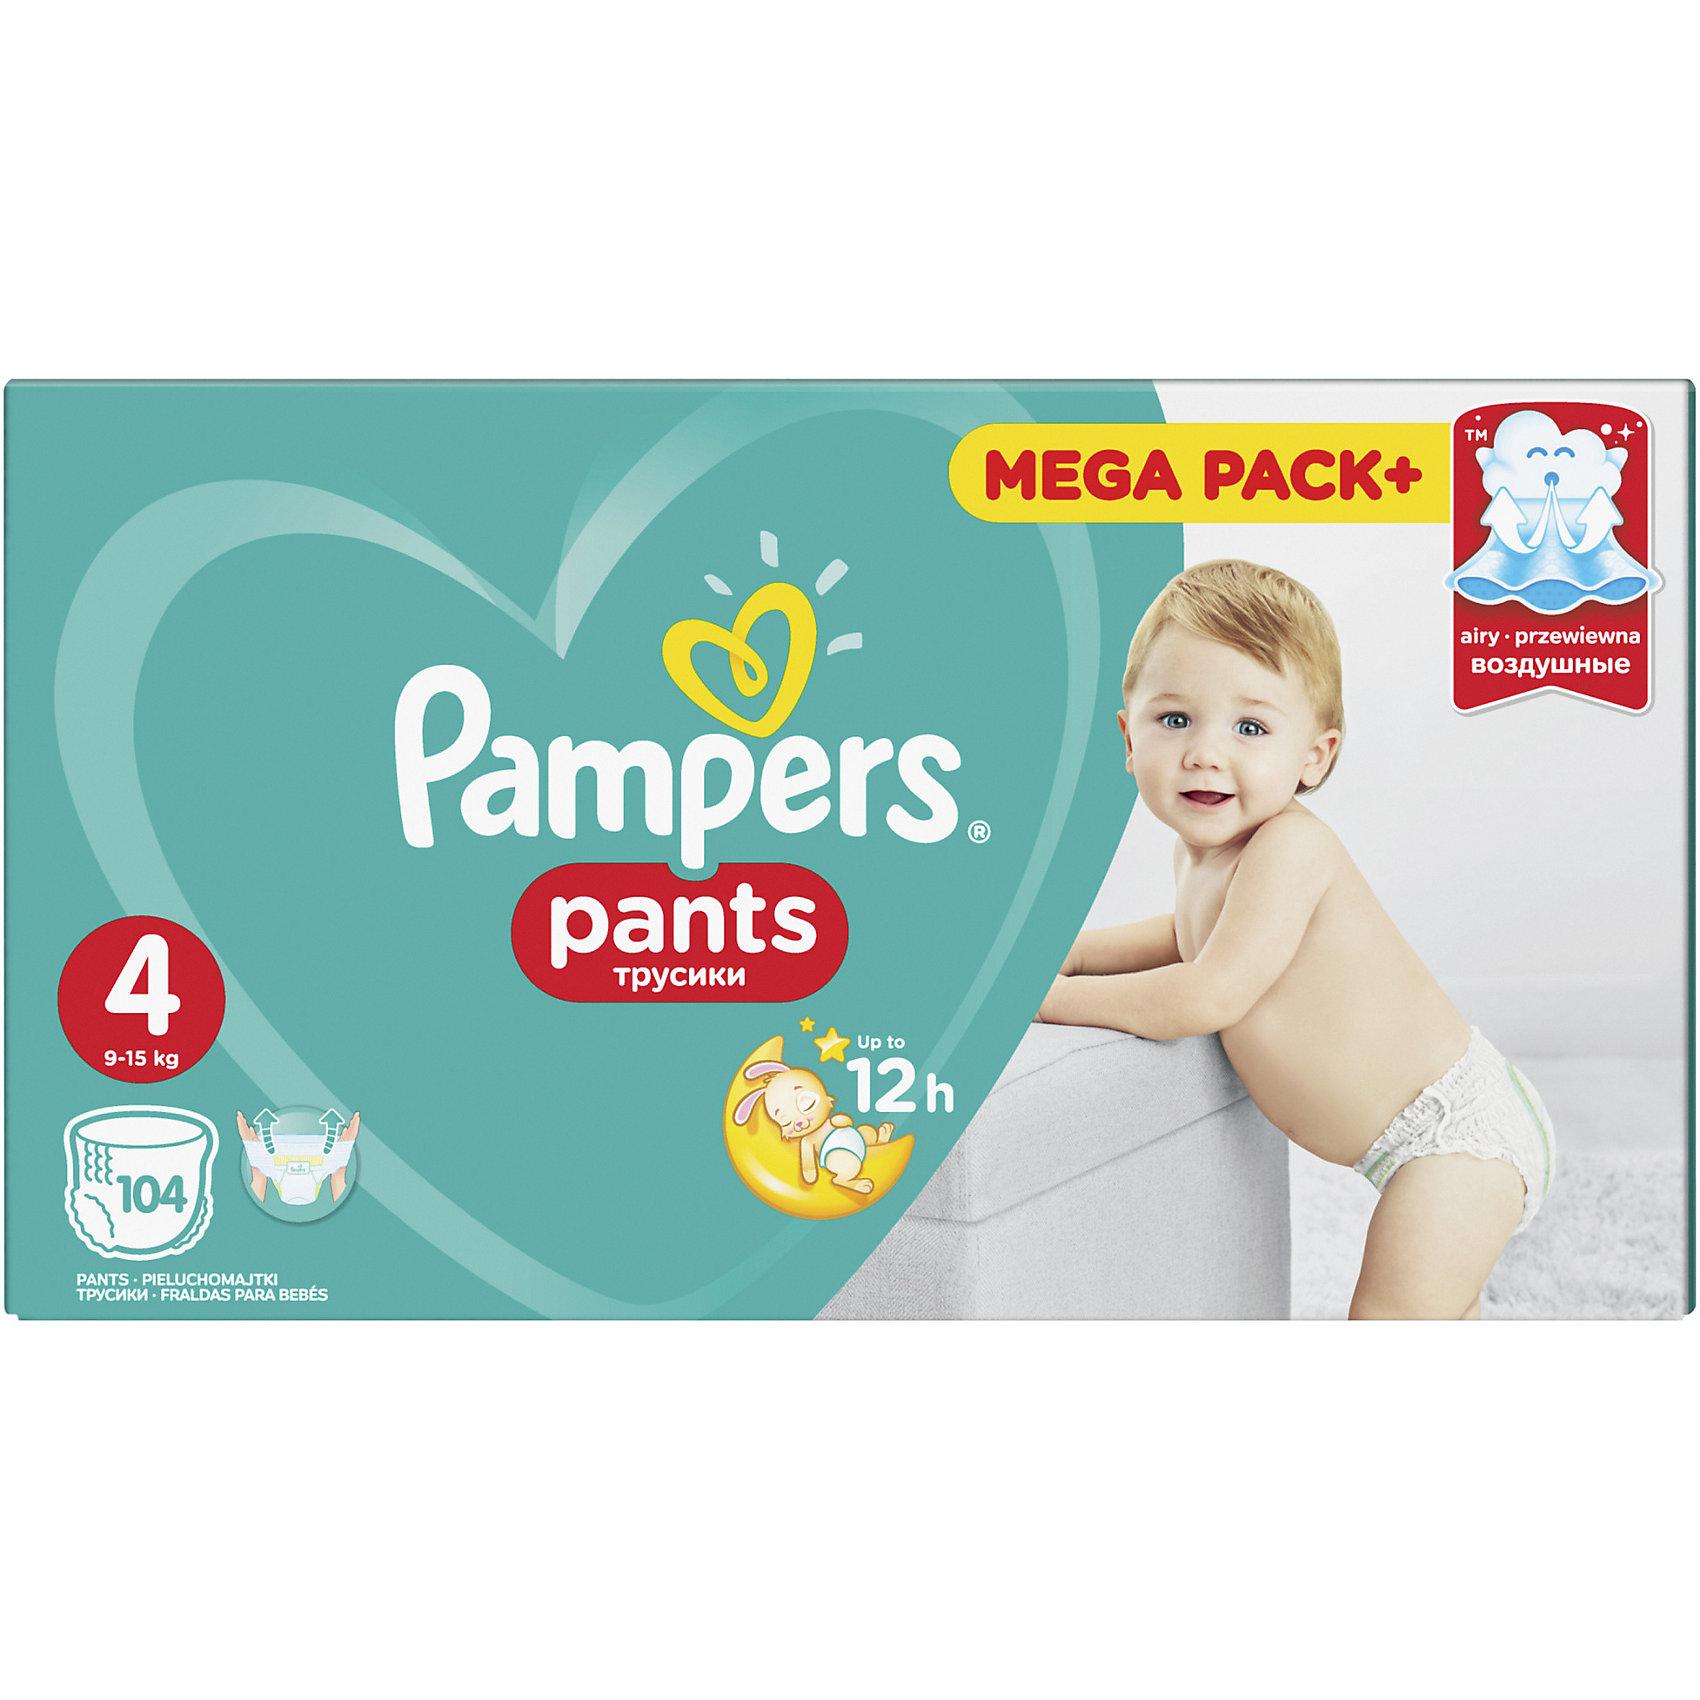 Трусики-подгузники Pampers Pants Maxi, 9-14кг., 104 шт.Трусики-подгузники Pampers Pants Maxi (Памперс пантс), 9-14кг., 104 шт.               <br><br>Характеристики:<br><br>• впитывают и удерживают влагу до 12 часов<br>• дополнительный впитывающий слой<br>• эластичный поясок и манжеты не стесняют движений крохи<br>• дышащие материалы обеспечивают правильную микроциркуляцию кожи<br>• легко снимать и надевать<br>• состав бальзама: вазелин, стеариловый спирт, медицинский жидкий парафин, экстракт листа алоэ<br>• размер: 9-14 кг<br>• количество: 104 шт.<br>• размер упаковки: 29,8х29,7х45 см<br>• вес: 3765 грамм<br><br>Ваш кроха очень быстро растет и активно познает мир. Чтобы у малыша была энергия для игры, ему необходим крепкий здоровый сон. Трусики-подгузники Pampers Pants Maxi обеспечат вашей крохе сухую ночь и комфортный сон. Они быстро впитывают влагу и удерживают ее внутри до 12 часов. Дышащие материалы трусиков пропускают воздух, позволяя коже дышать. Эластичность манжетов и поясков позволяет малышу активно двигаться, не стесняя его движений. Трусики-подгузники легко надеть даже на активного непоседу. Снять их можно просто разорвав сбоку. С этими подгузниками ваш ребенок с радостью будет познавать окружающий мир!<br><br>Трусики-подгузники Pampers Pants Maxi (Памперс пантс), 9-14кг., 104 шт. вы можете купить в нашем интернет-магазине.<br><br>Ширина мм: 450<br>Глубина мм: 297<br>Высота мм: 298<br>Вес г: 3765<br>Возраст от месяцев: 6<br>Возраст до месяцев: 36<br>Пол: Унисекс<br>Возраст: Детский<br>SKU: 5422926